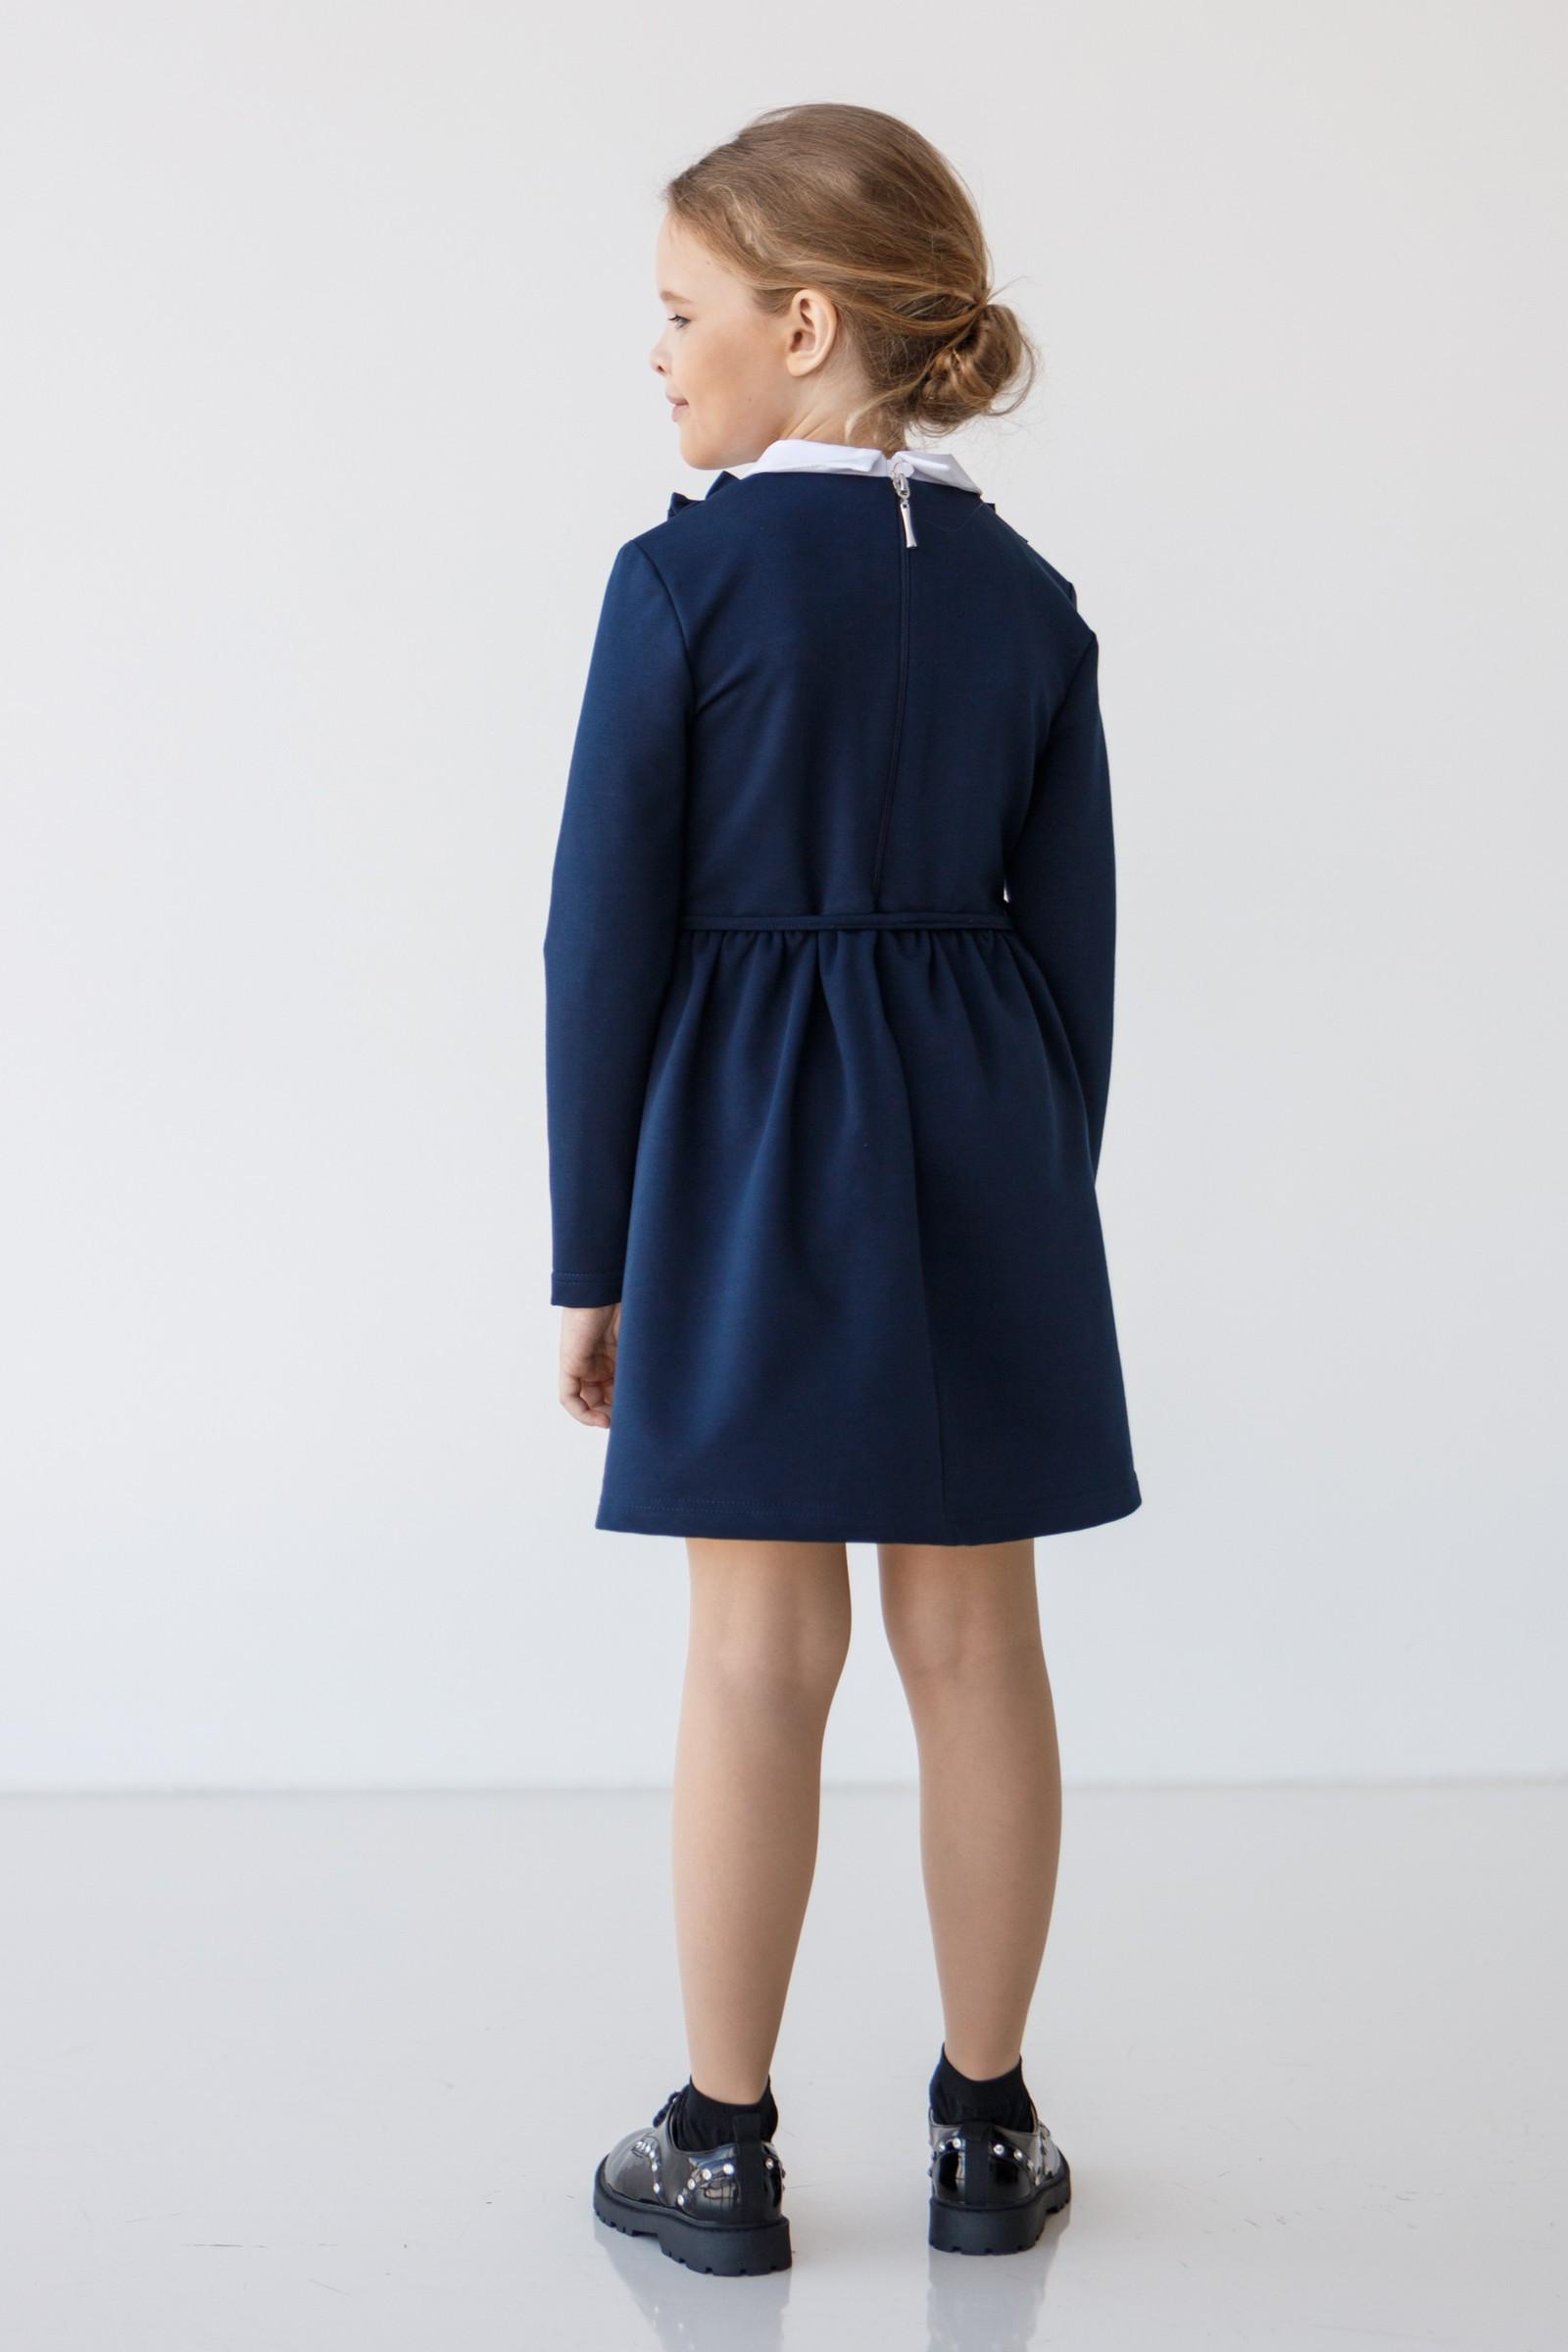 Плаття Лорелея, фото №4